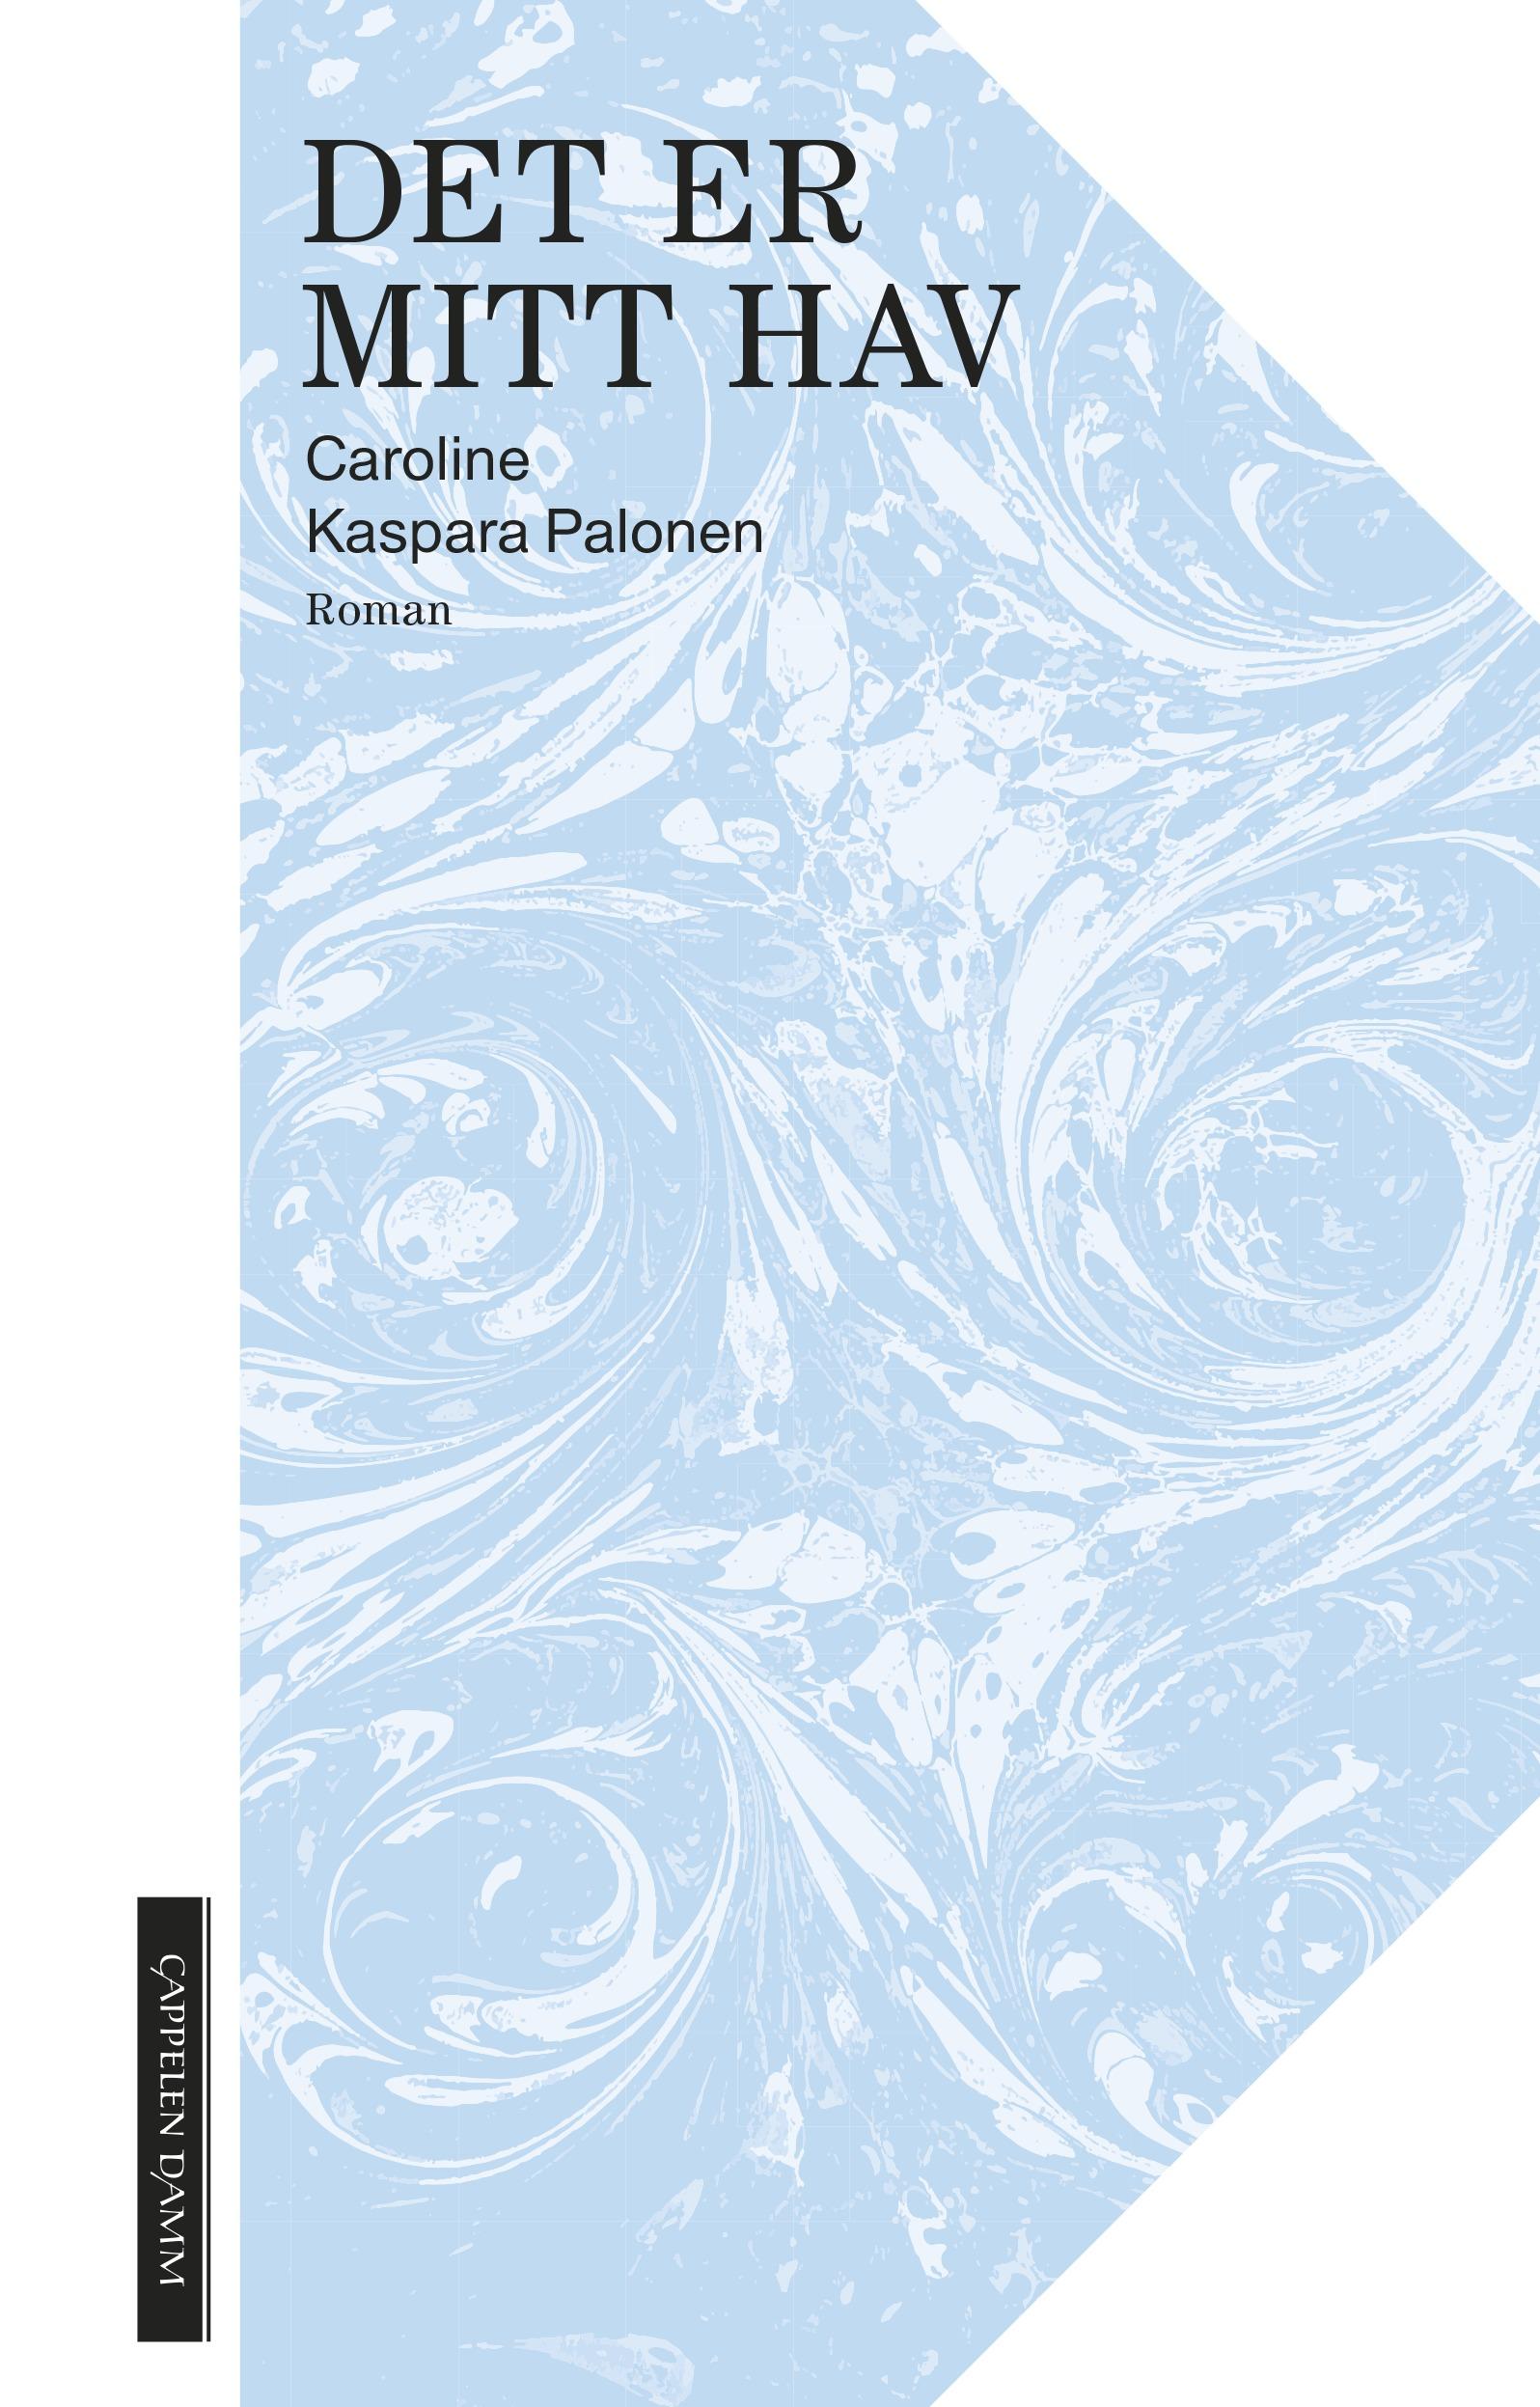 Caroline Kaspara Palonen, Det er mitt hav